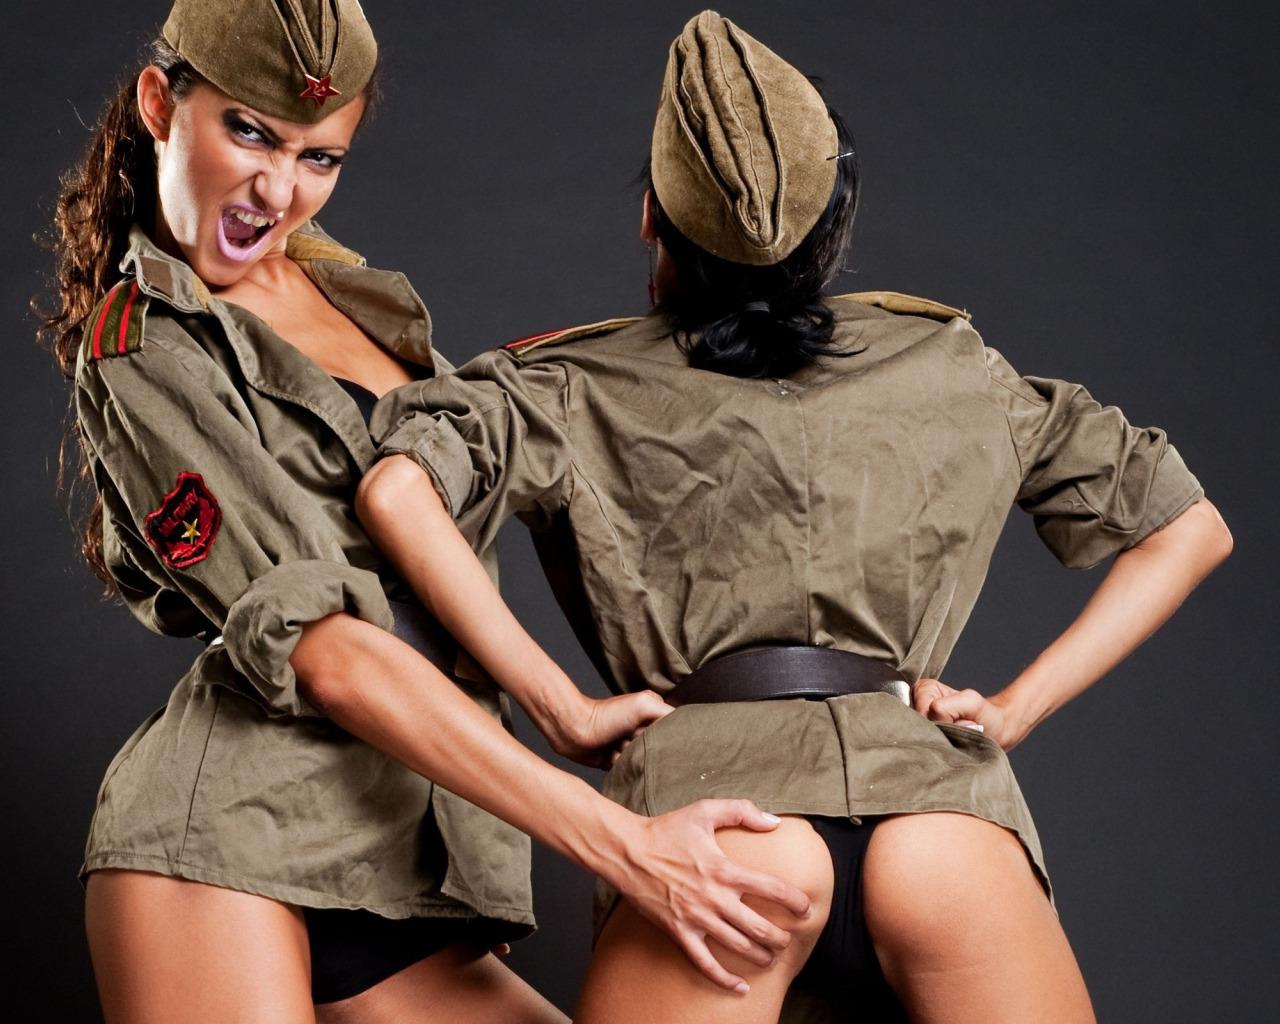 intervyu-golodnie-parni-v-armii-porno-smotret-onlayn-russkie